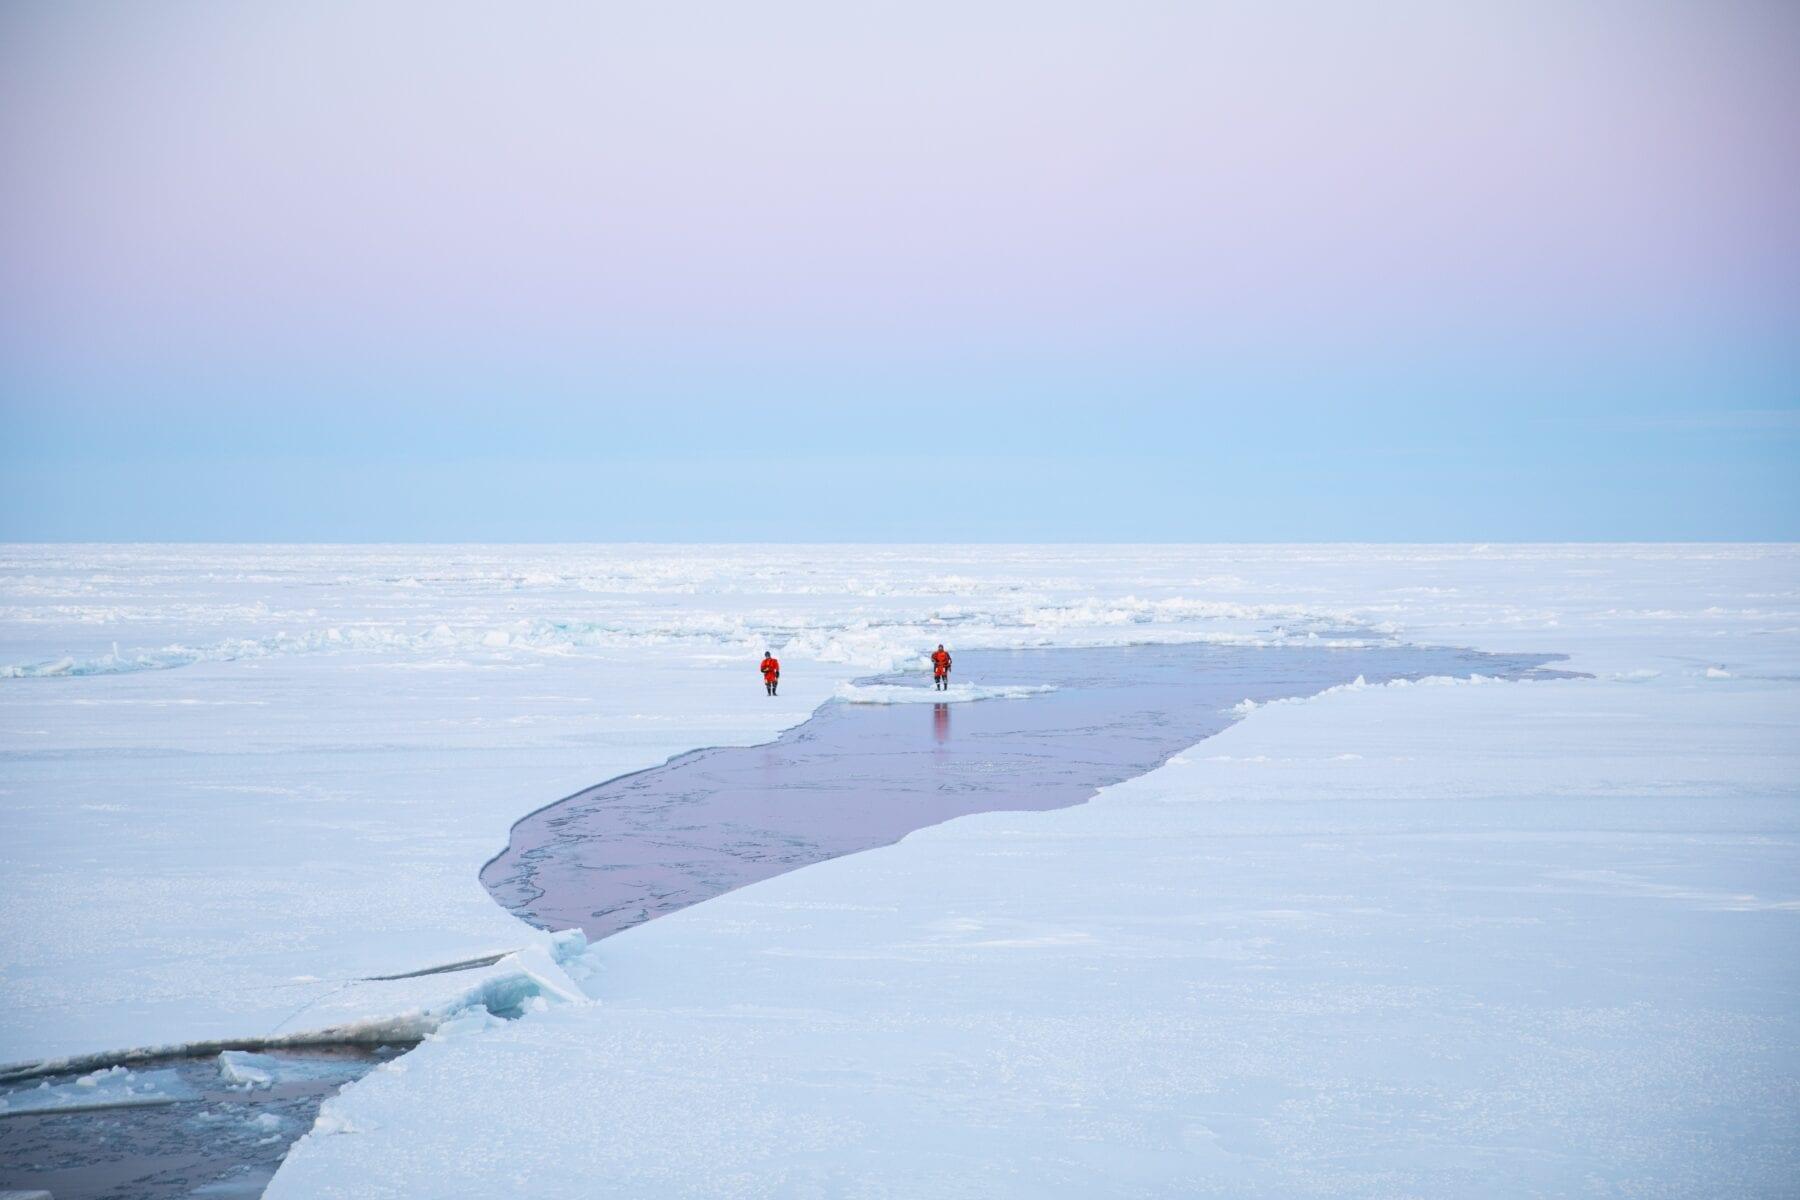 Nummer één in de lijst van afgelegen gebieden: De Noordelijke Pool van Ontoegankelijkheid